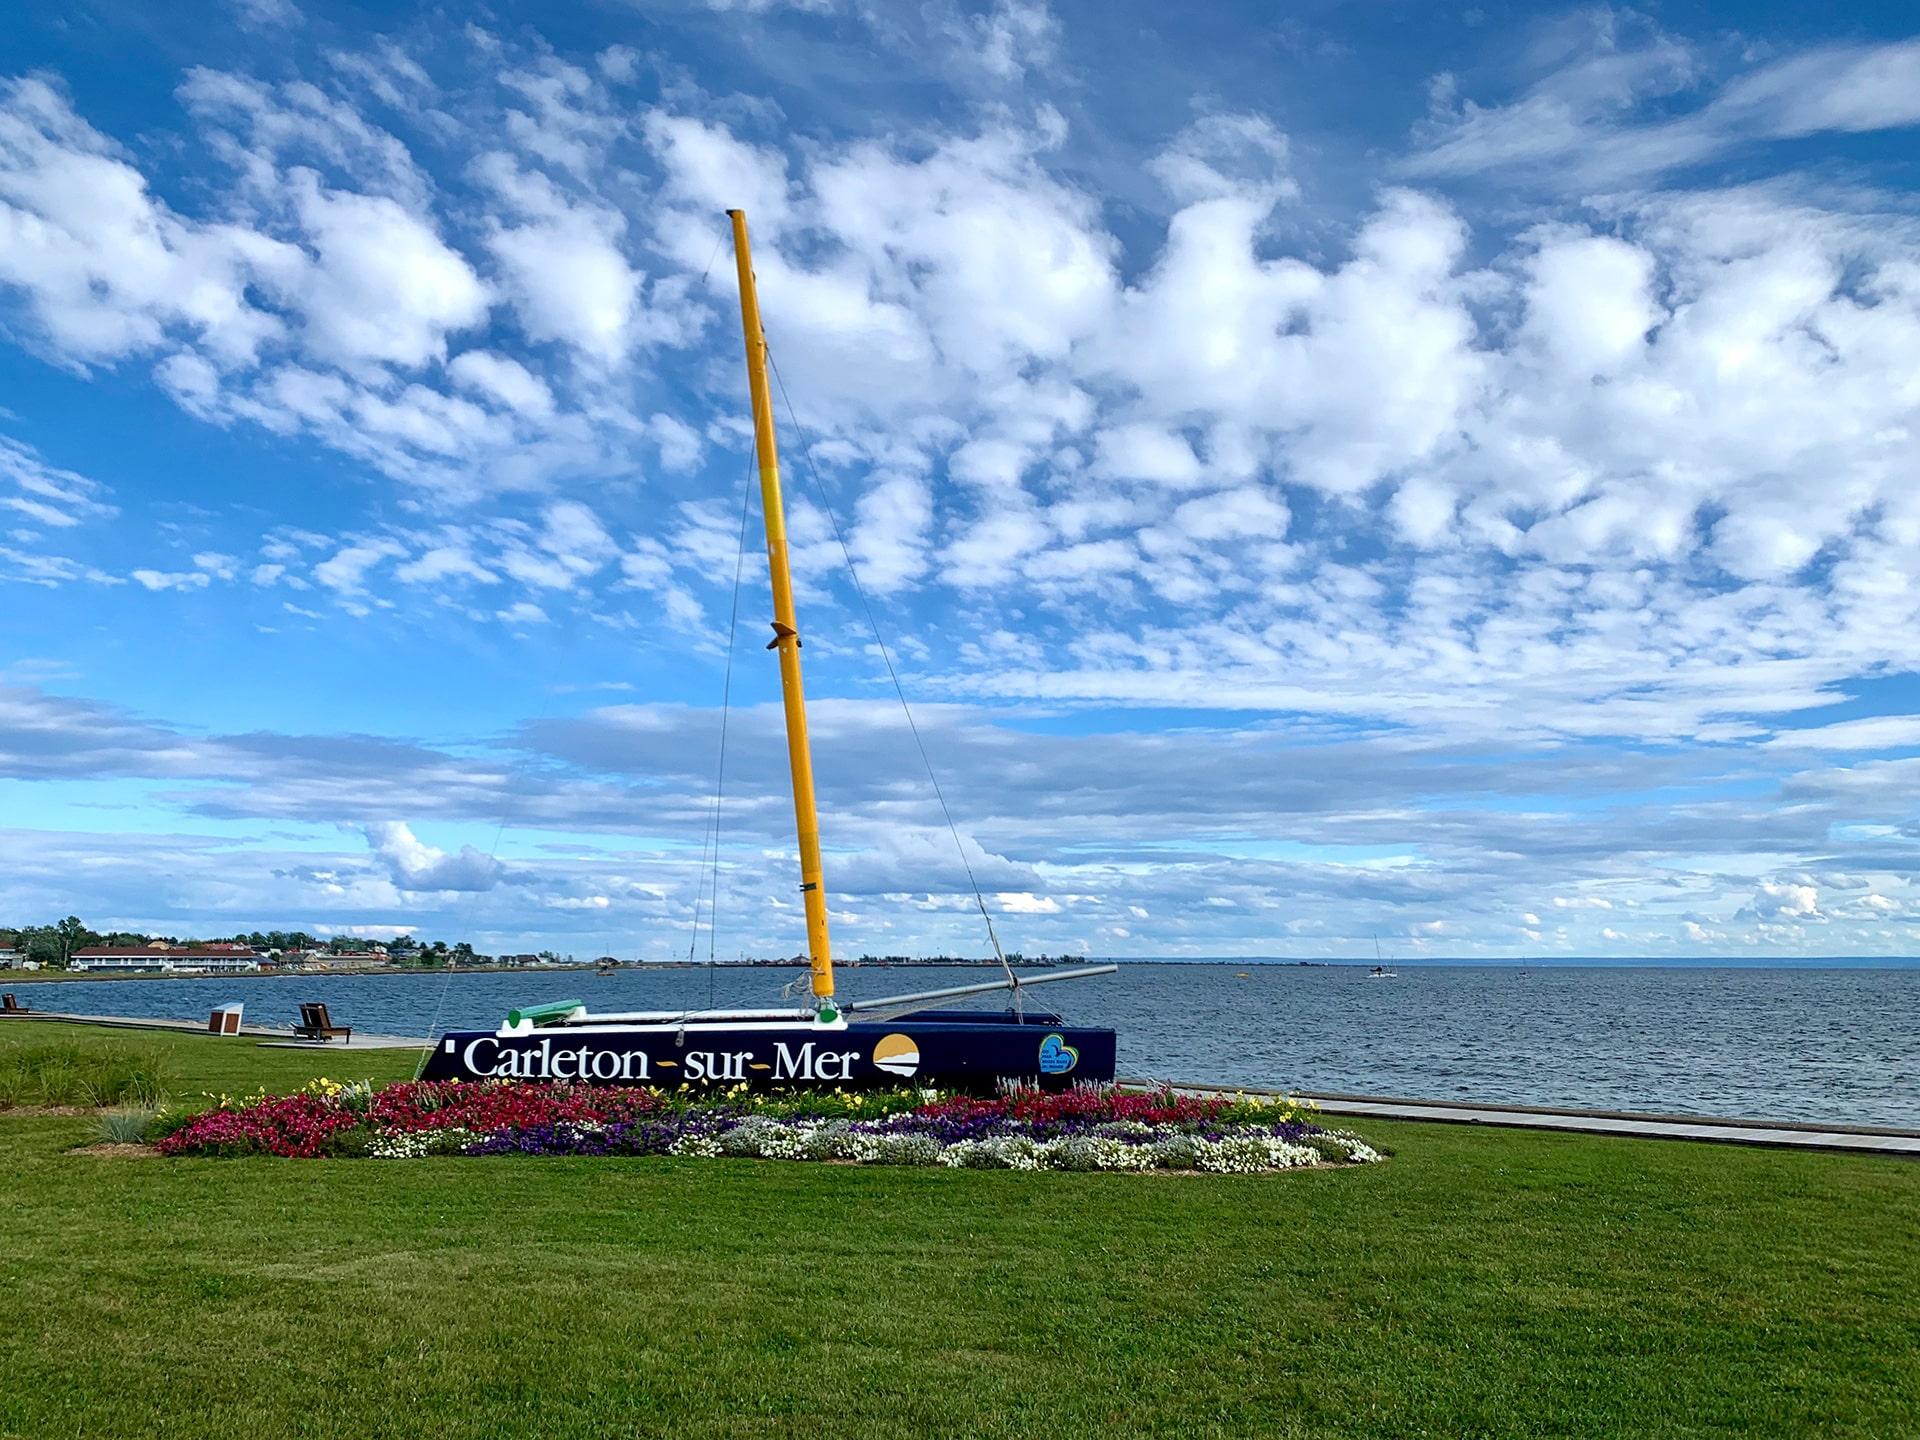 Carleton sur Mer - Bateau